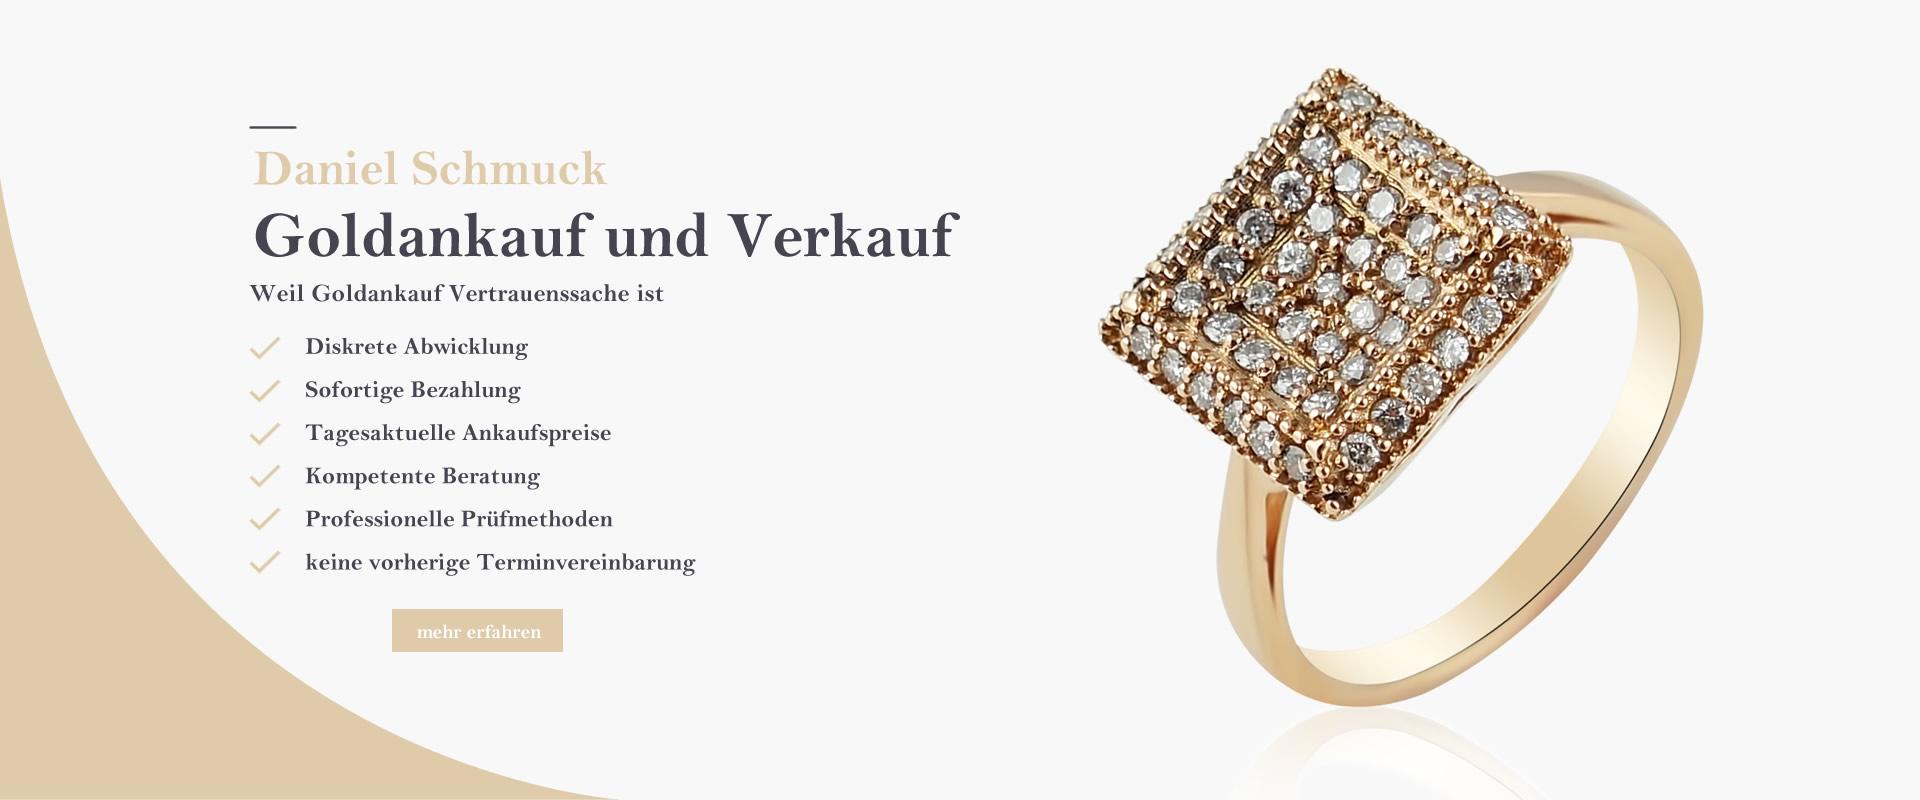 Daniel Schmuck Goldankauf Und Verkauf Von Schmuckdaniel